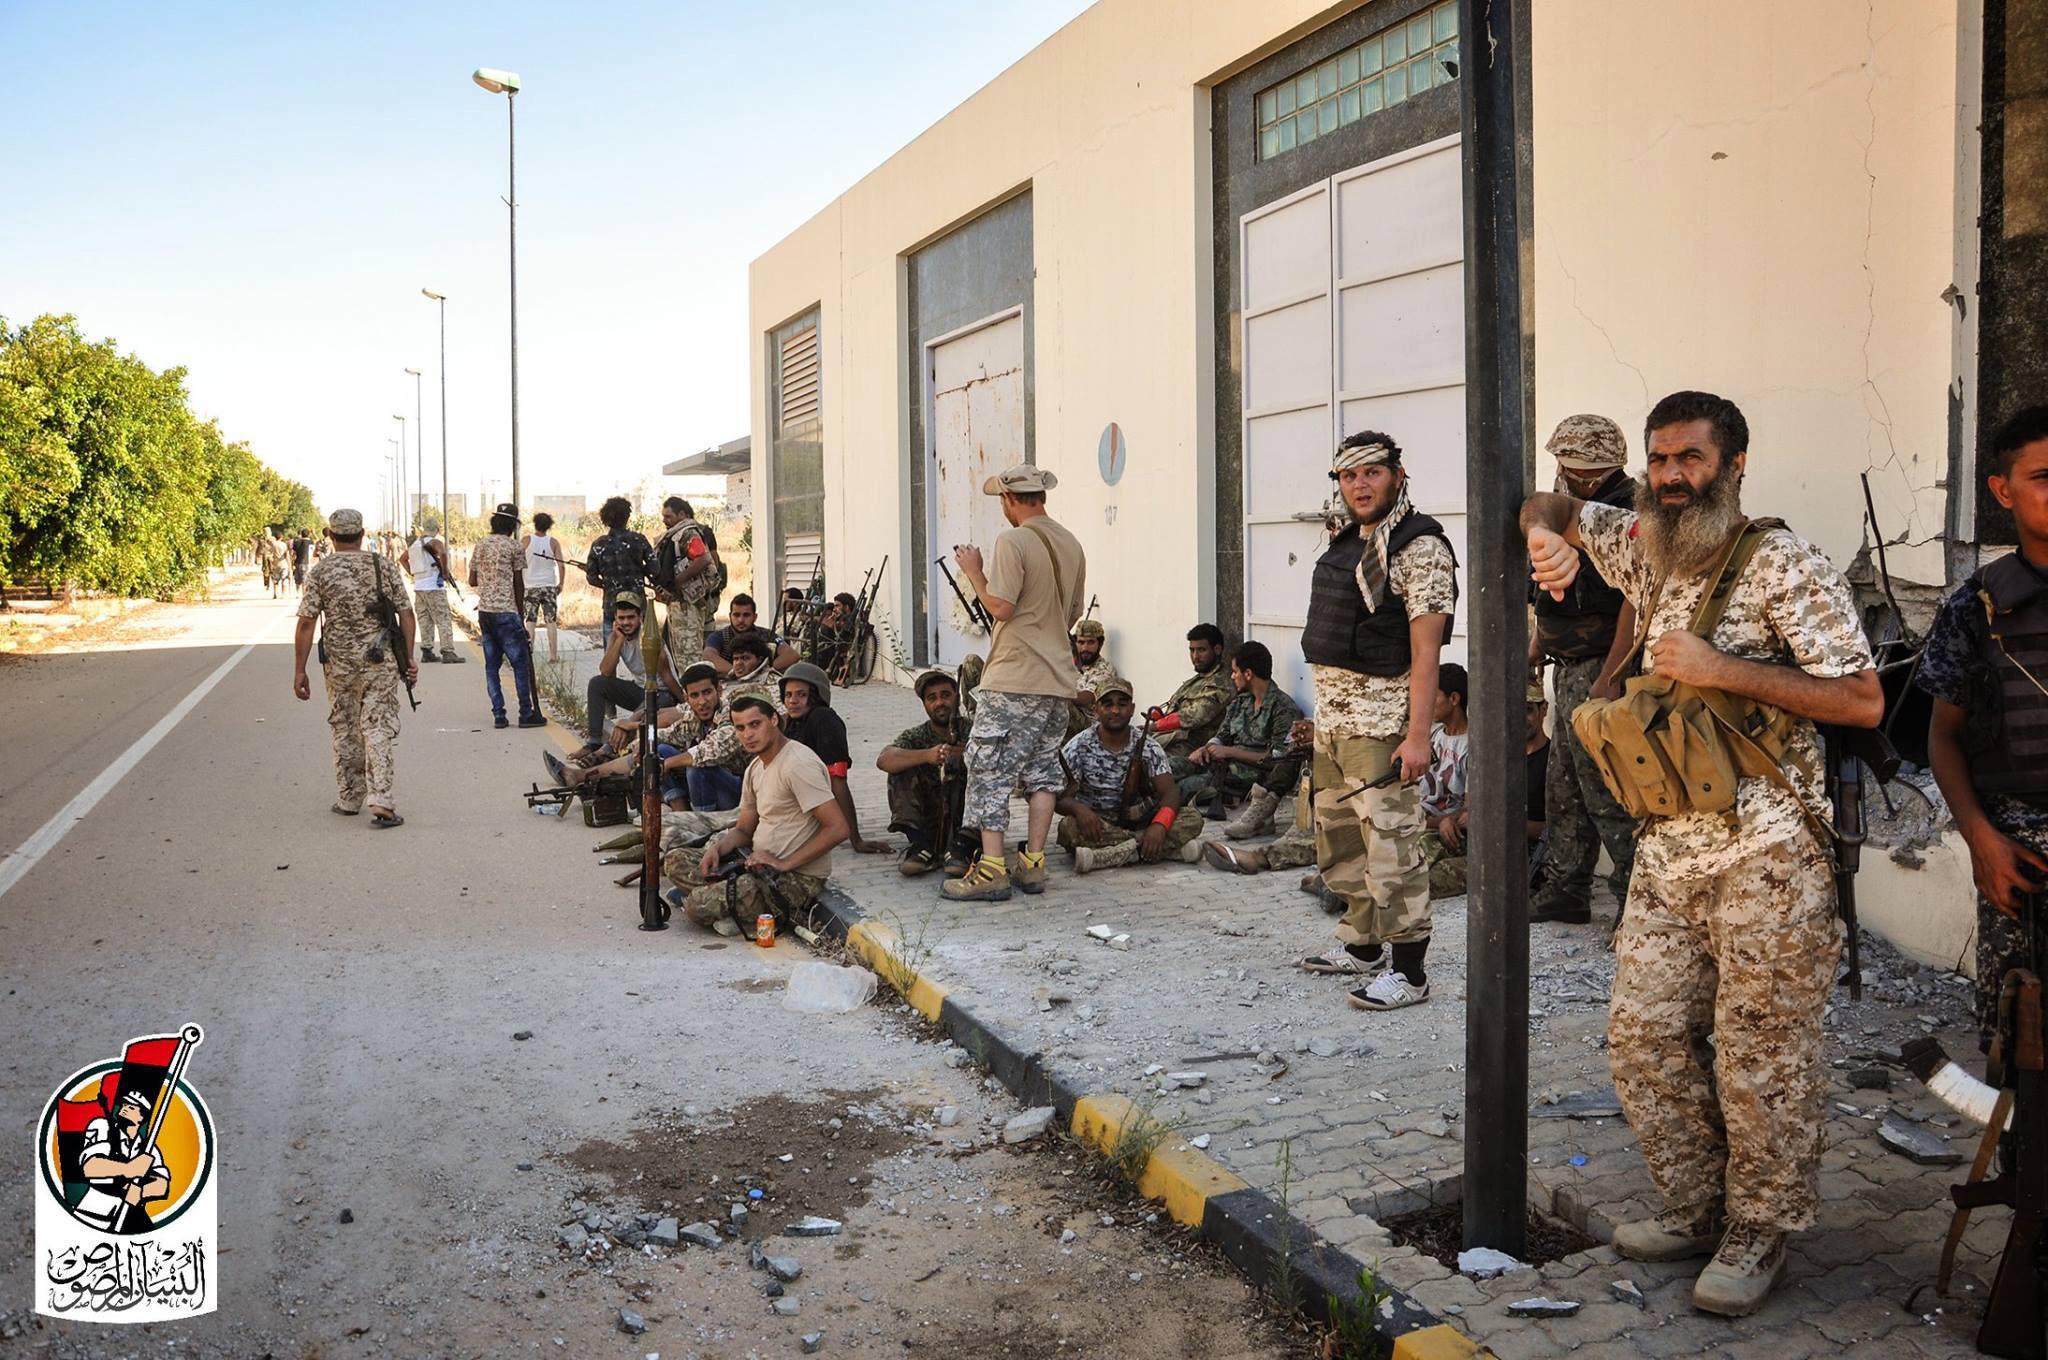 Surt libya